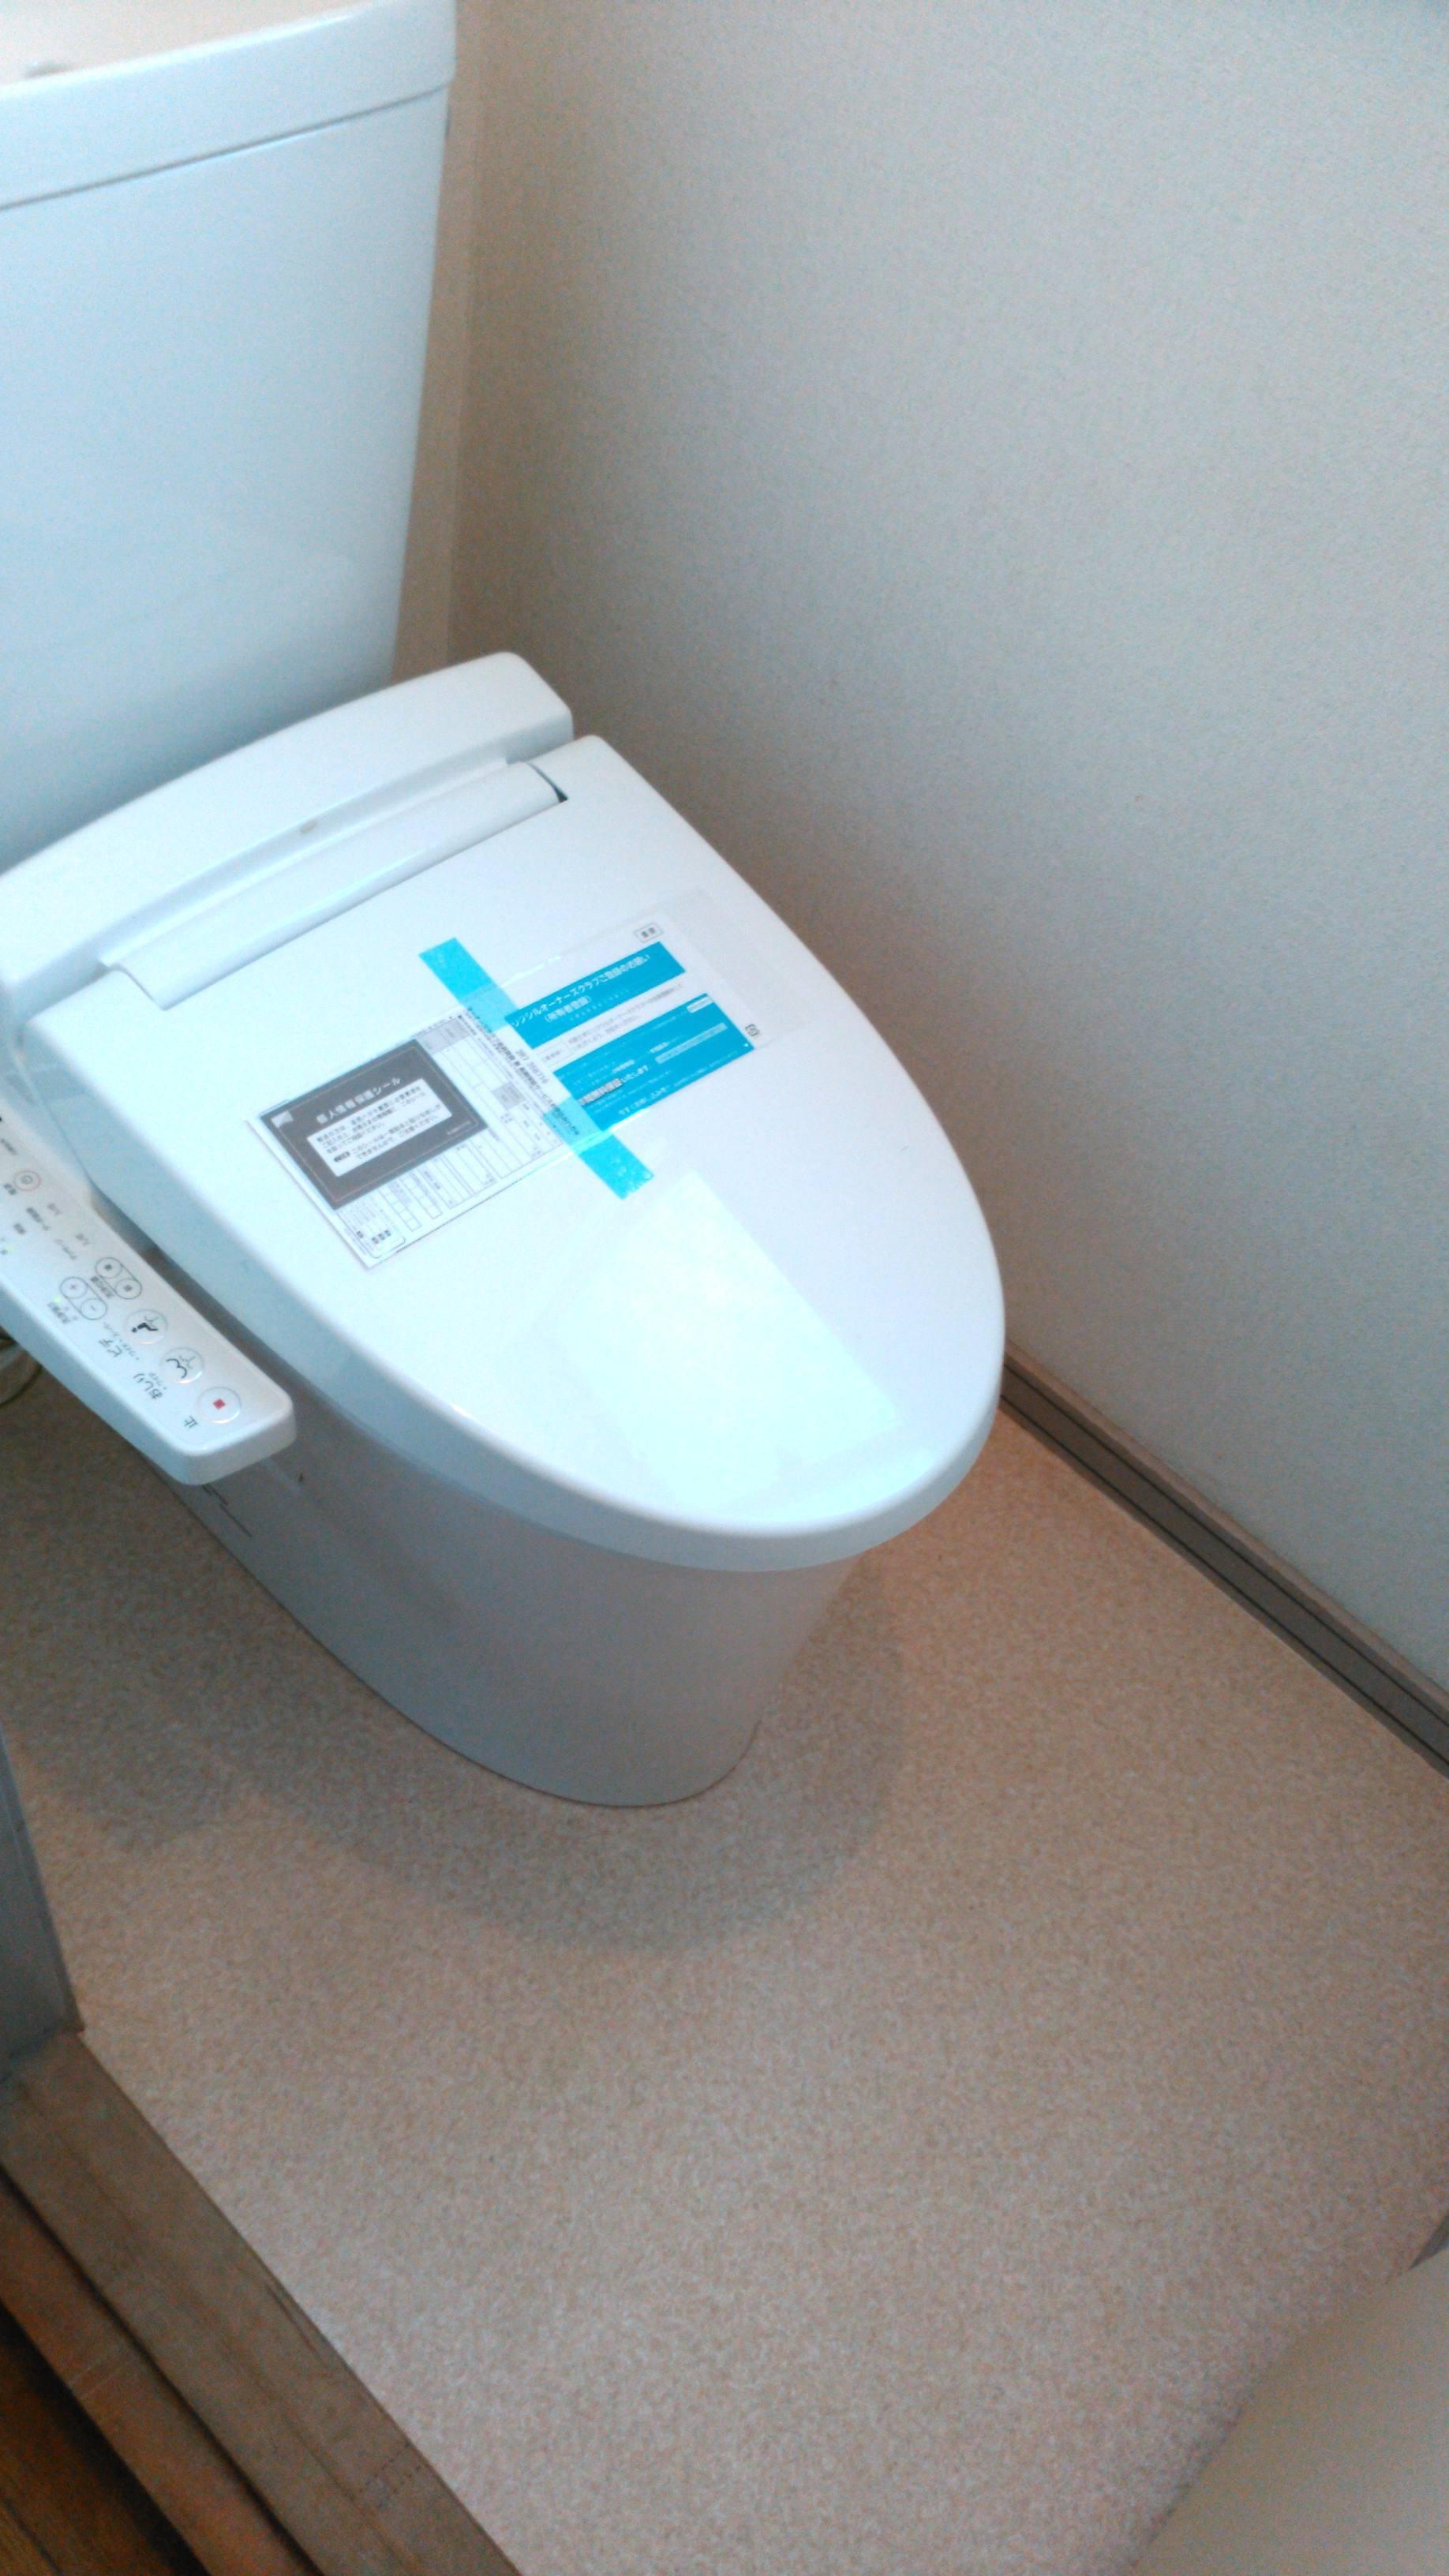 トイレのリフォーム ウィリアムモリス正規販売店のブライト_c0157866_12352500.jpg